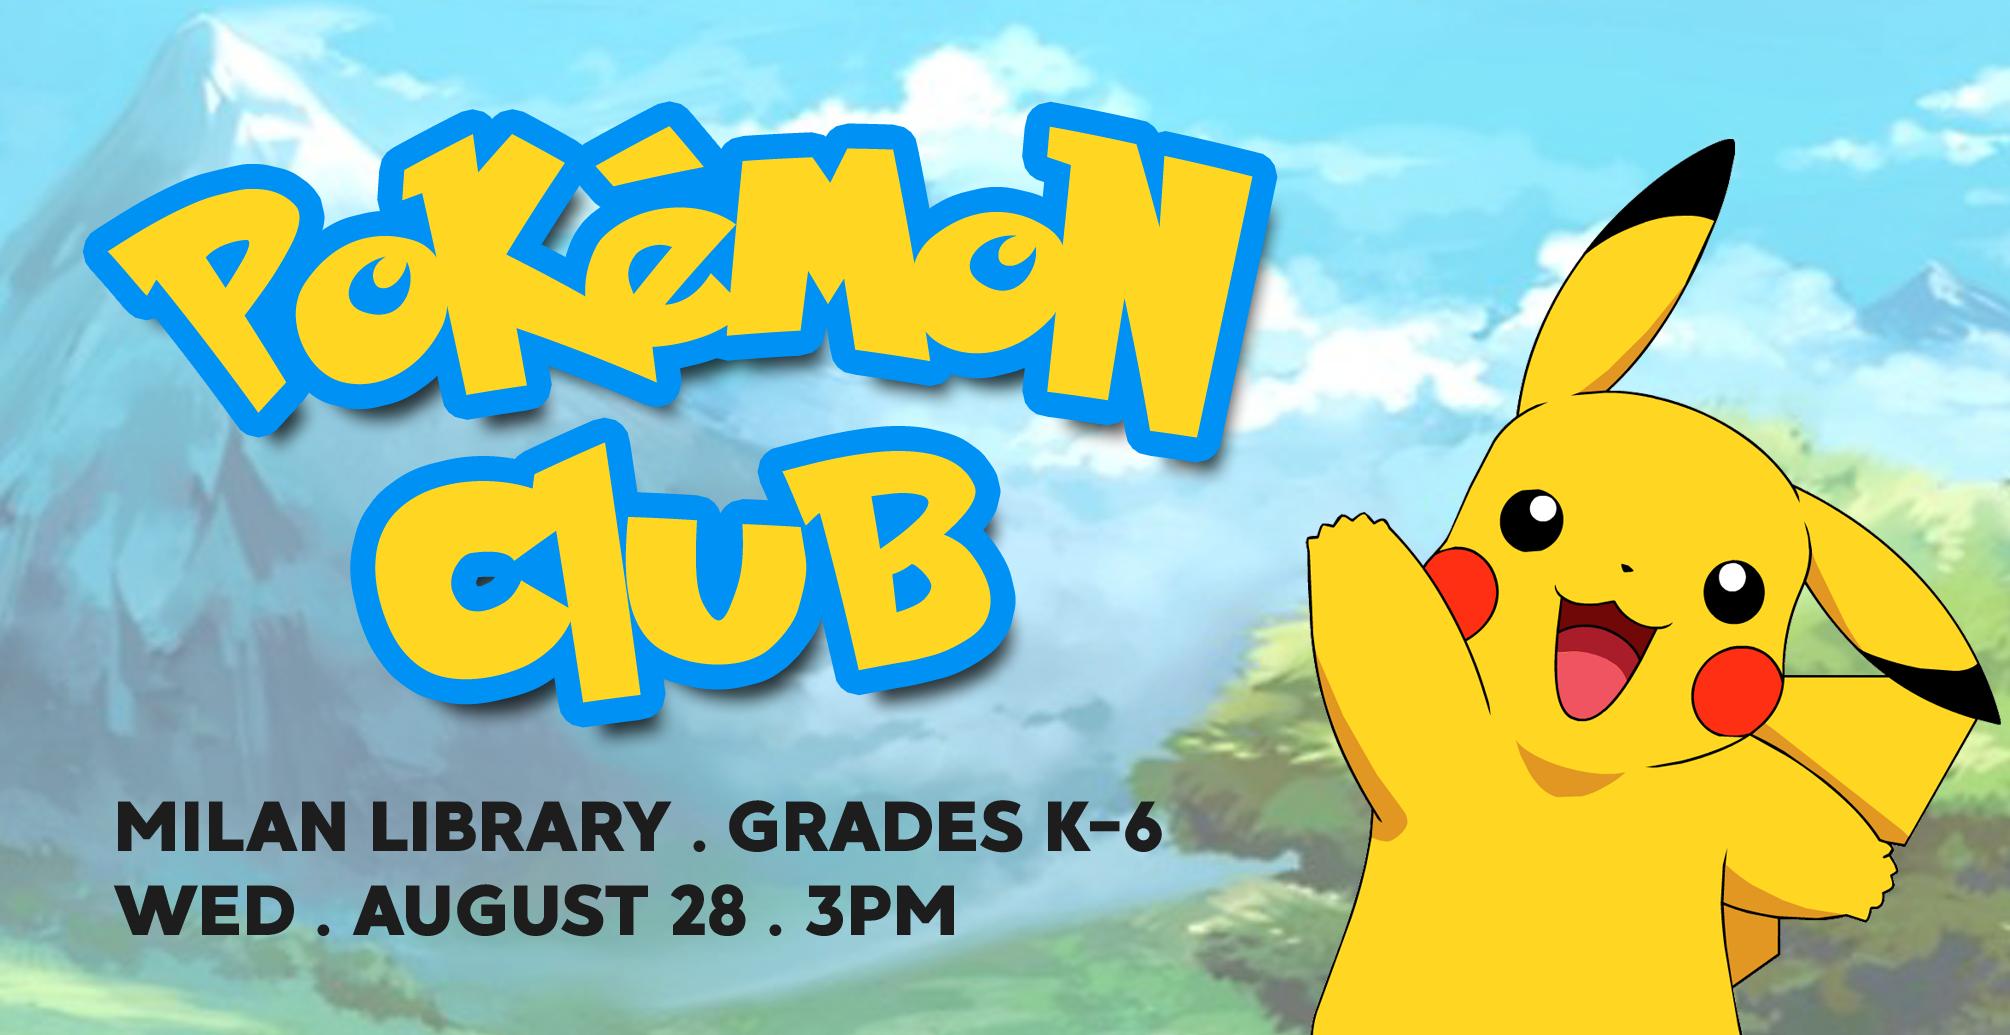 2019-08-CHILDRENS-Milan-Pokemon-Slide